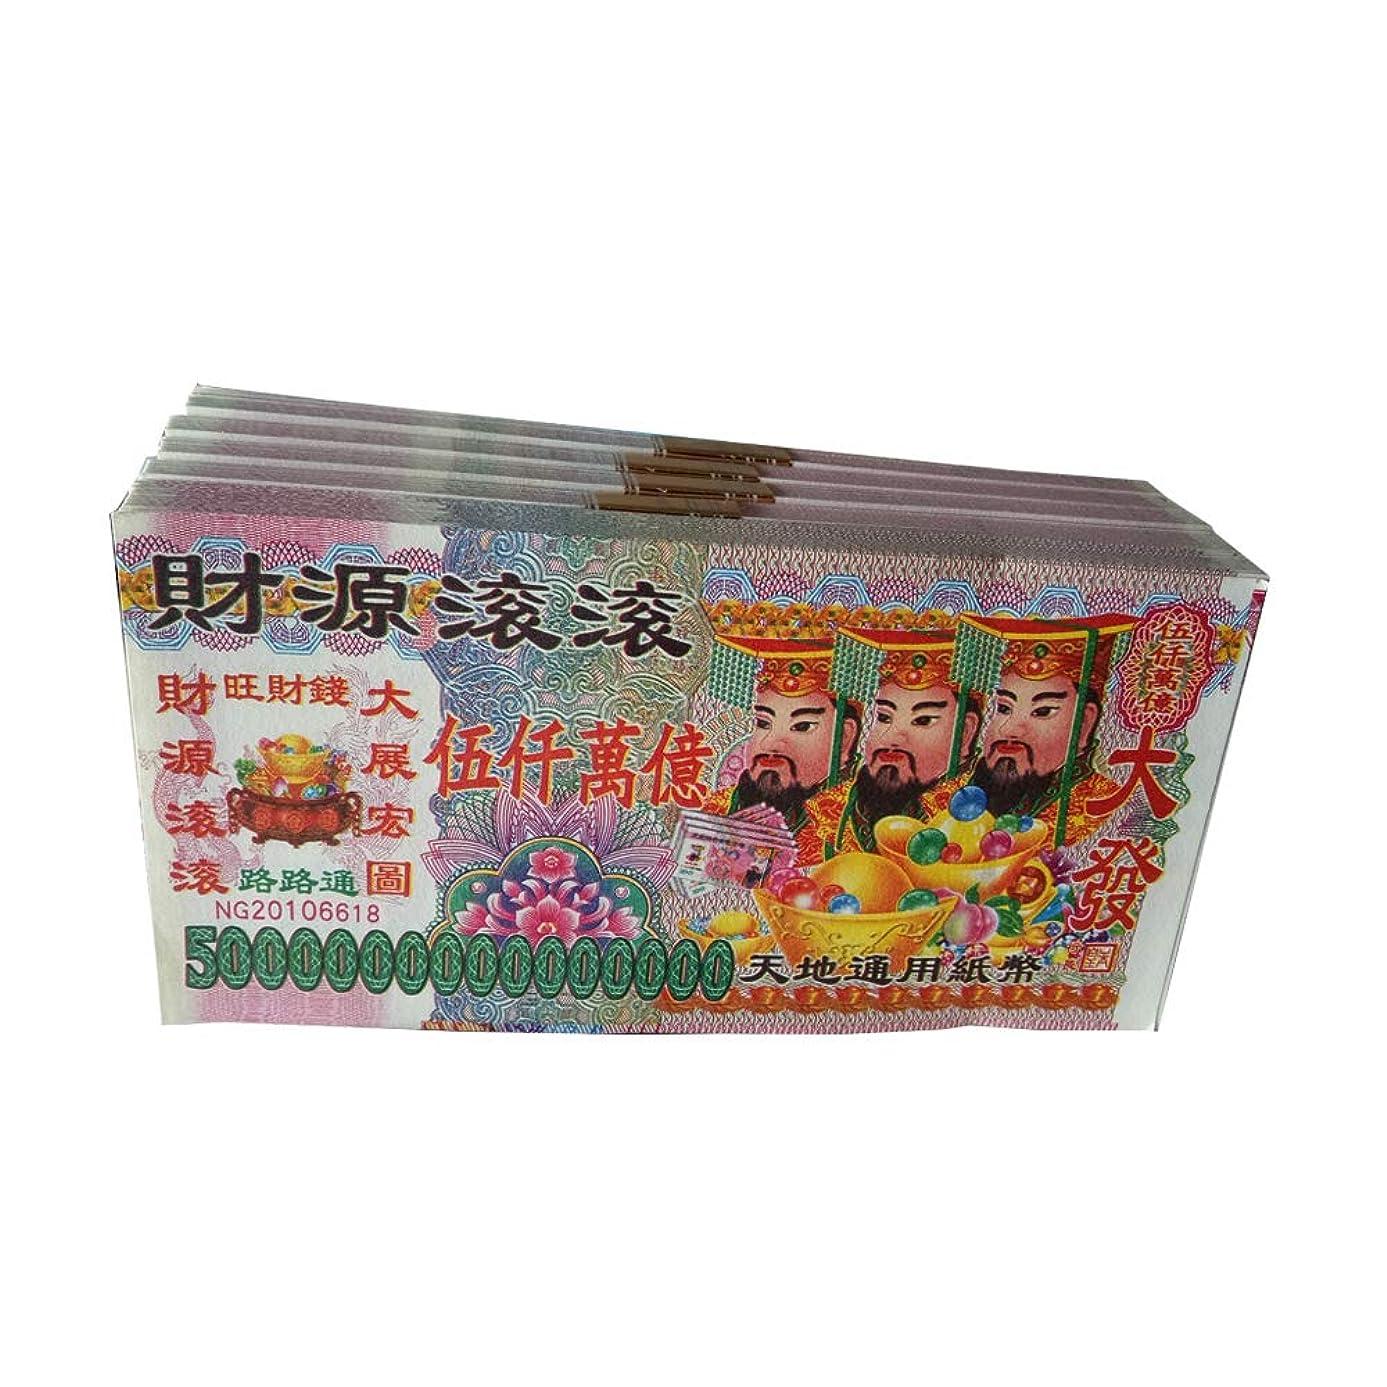 ZeeStar Chinese Joss Paper Money - 280 Piece Ancestor Money ($5,000,000,000,000,000) - Caiyuan Gungun